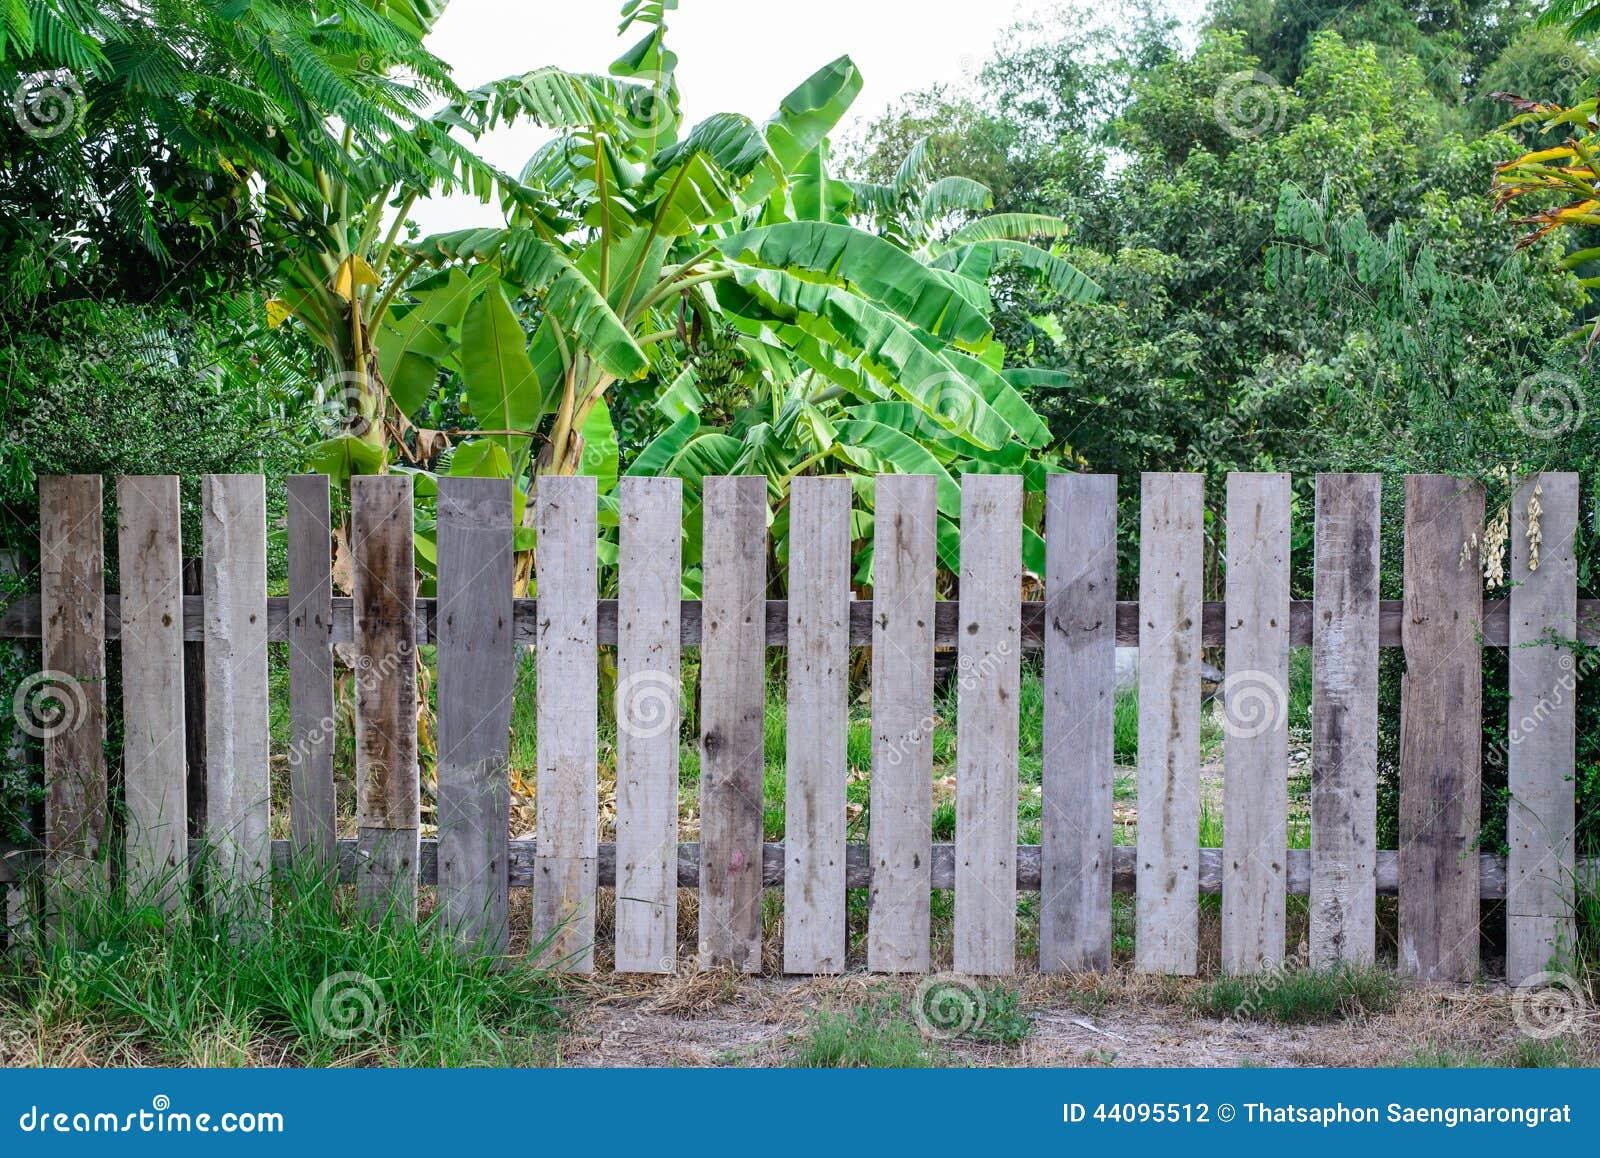 Staccionata Bianca In Legno giardino di legno della chiusura fotografia stock - immagine